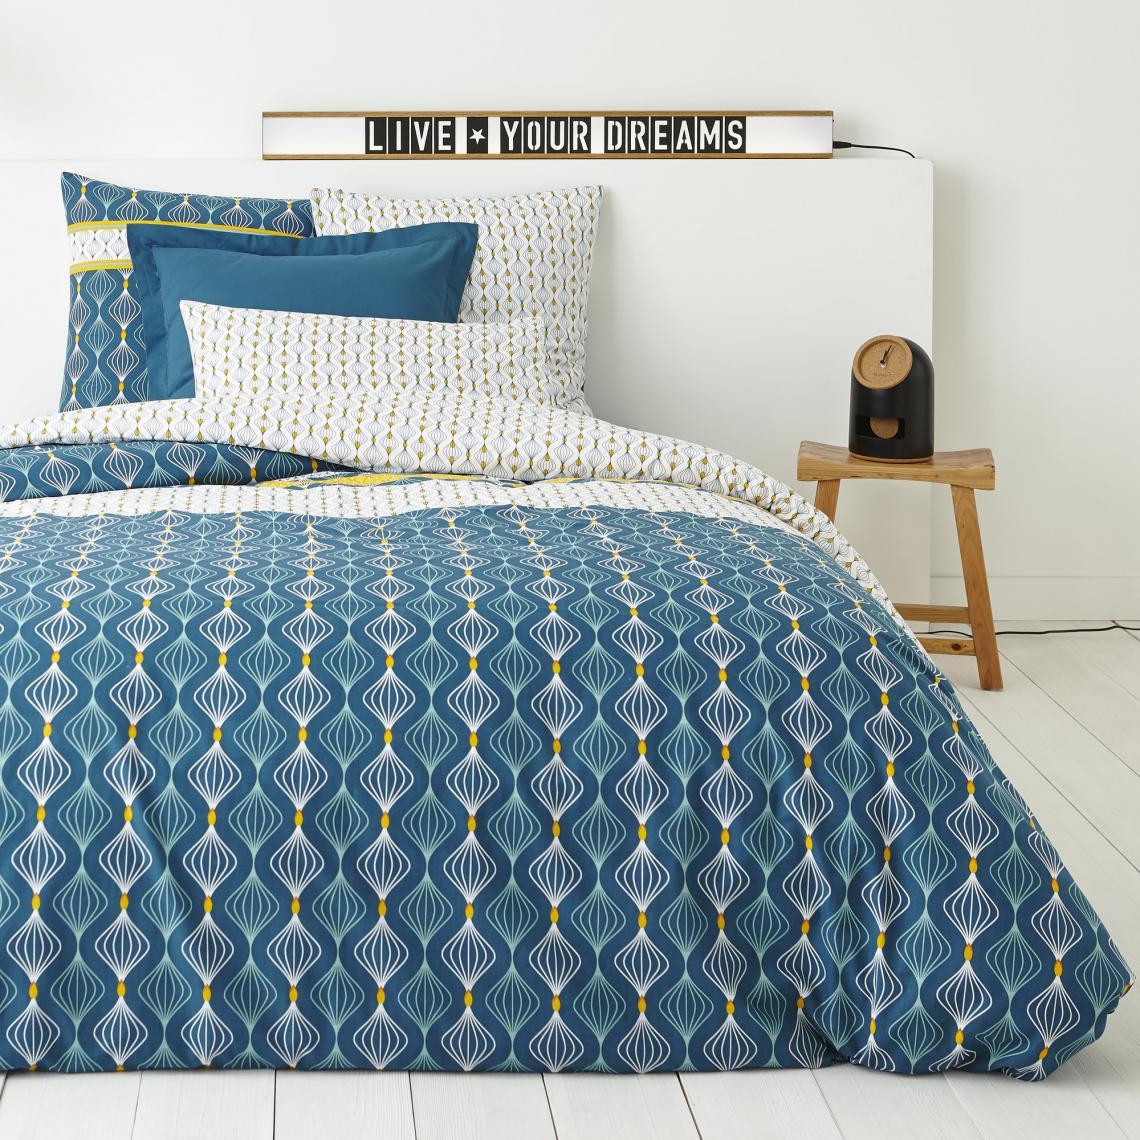 housse de couette 1 ou 2 personnes coton imprim azelma. Black Bedroom Furniture Sets. Home Design Ideas